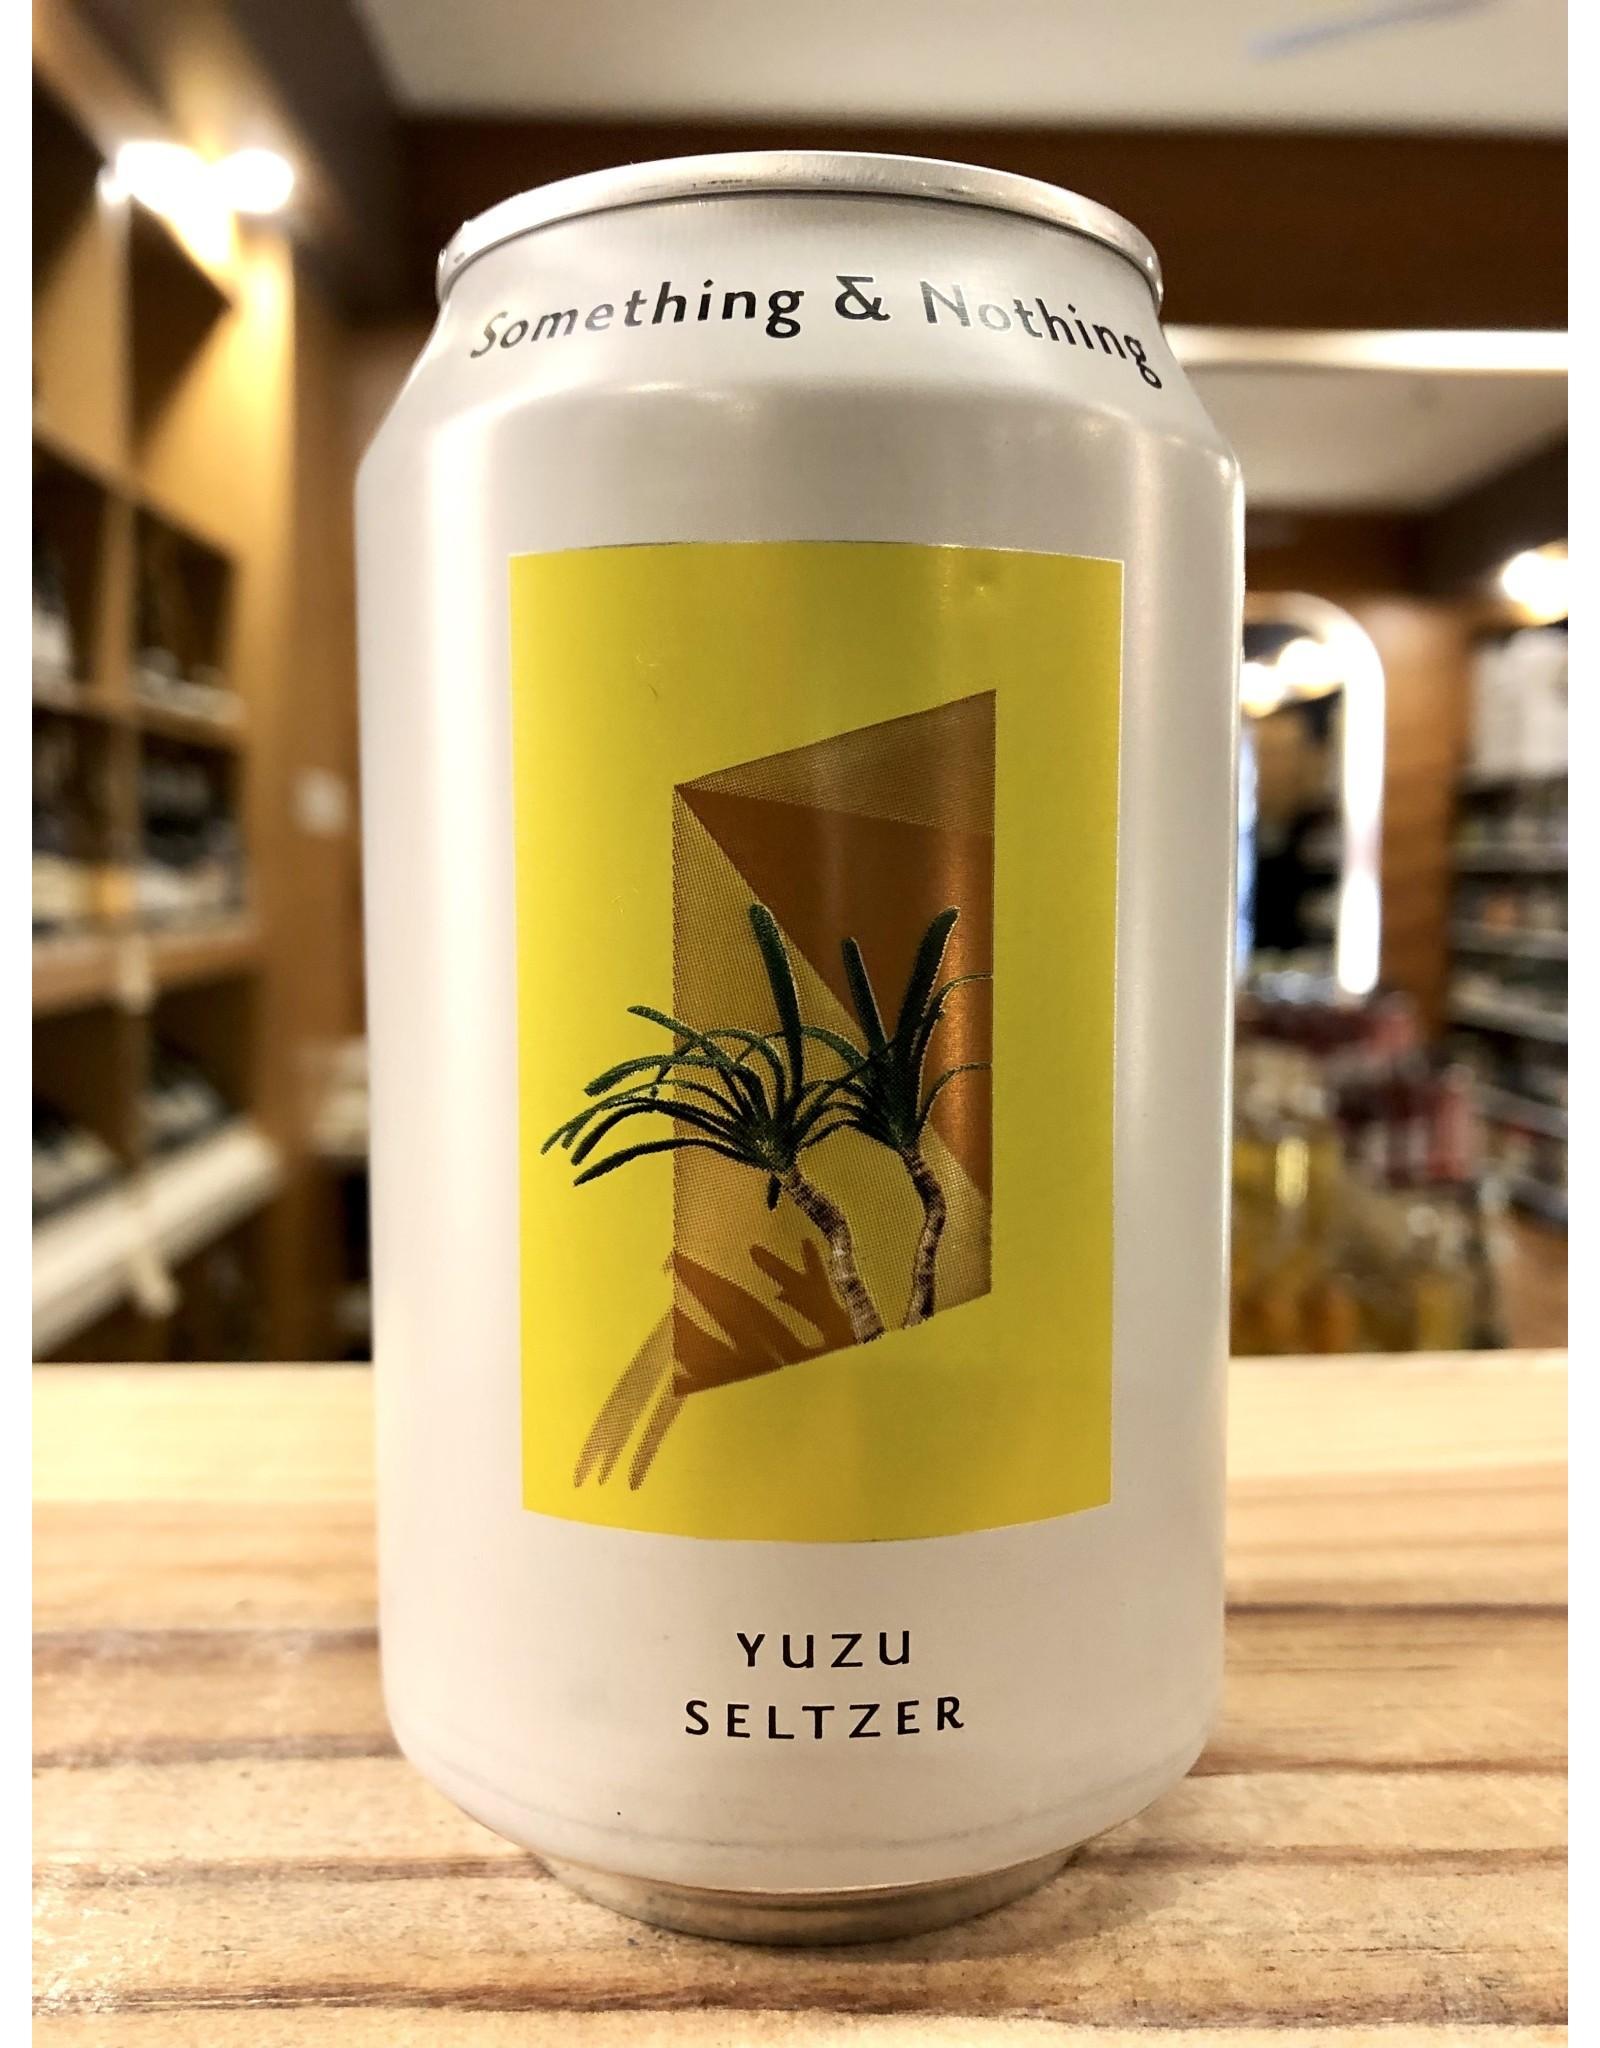 Something & Nothing Yuzu Seltzer 12 oz.